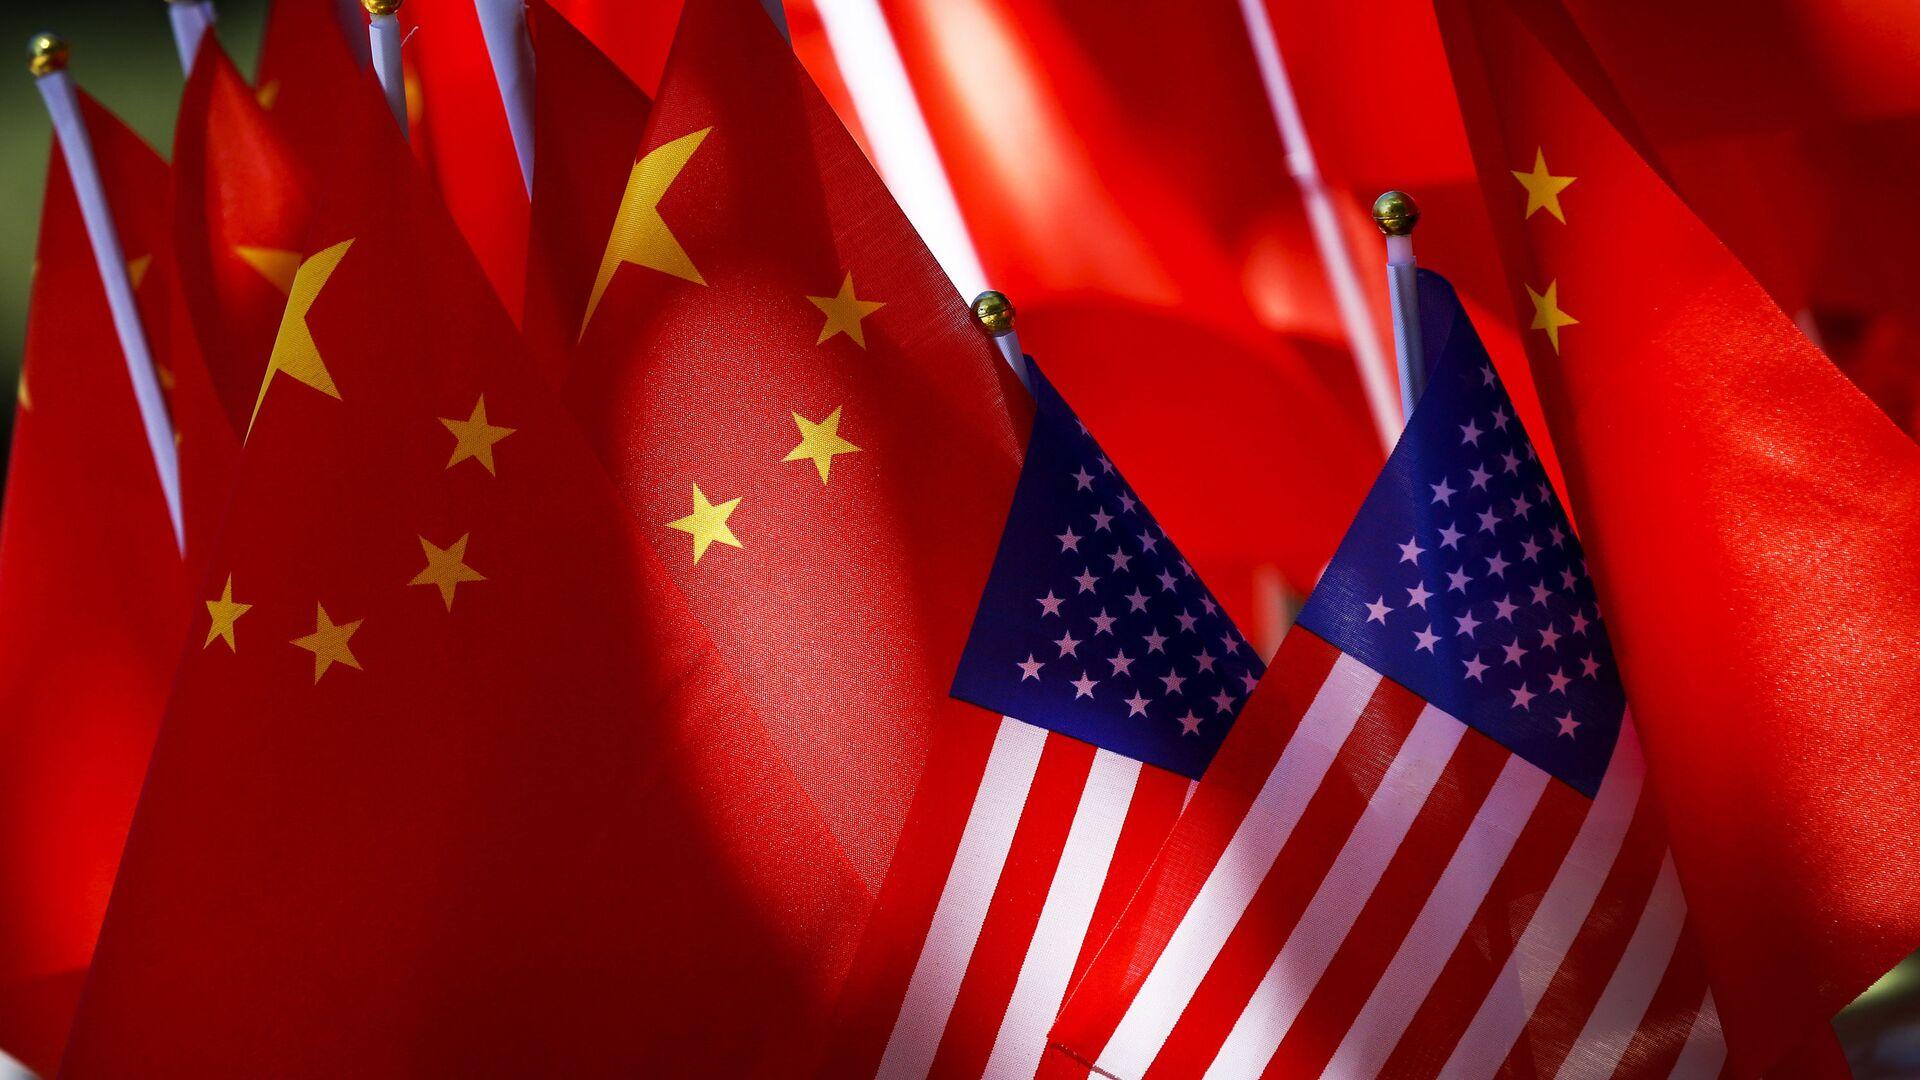 Bandiere Cina USA - Sputnik Italia, 1920, 24.02.2021